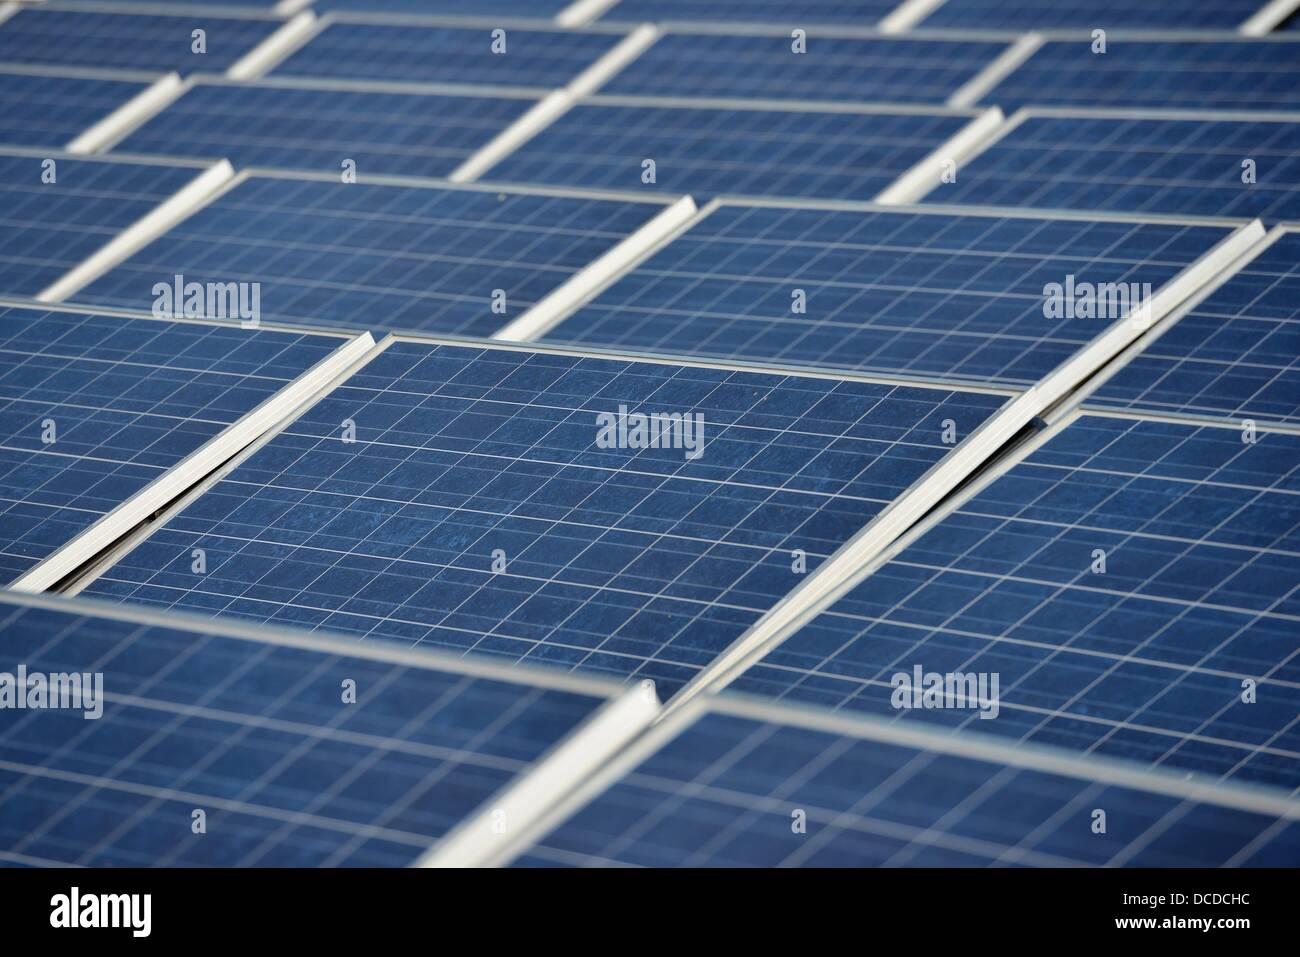 Des panneaux solaires d'une usine d'énergie solaire sont vus sur un toit d'une maison dans la région Photo Stock